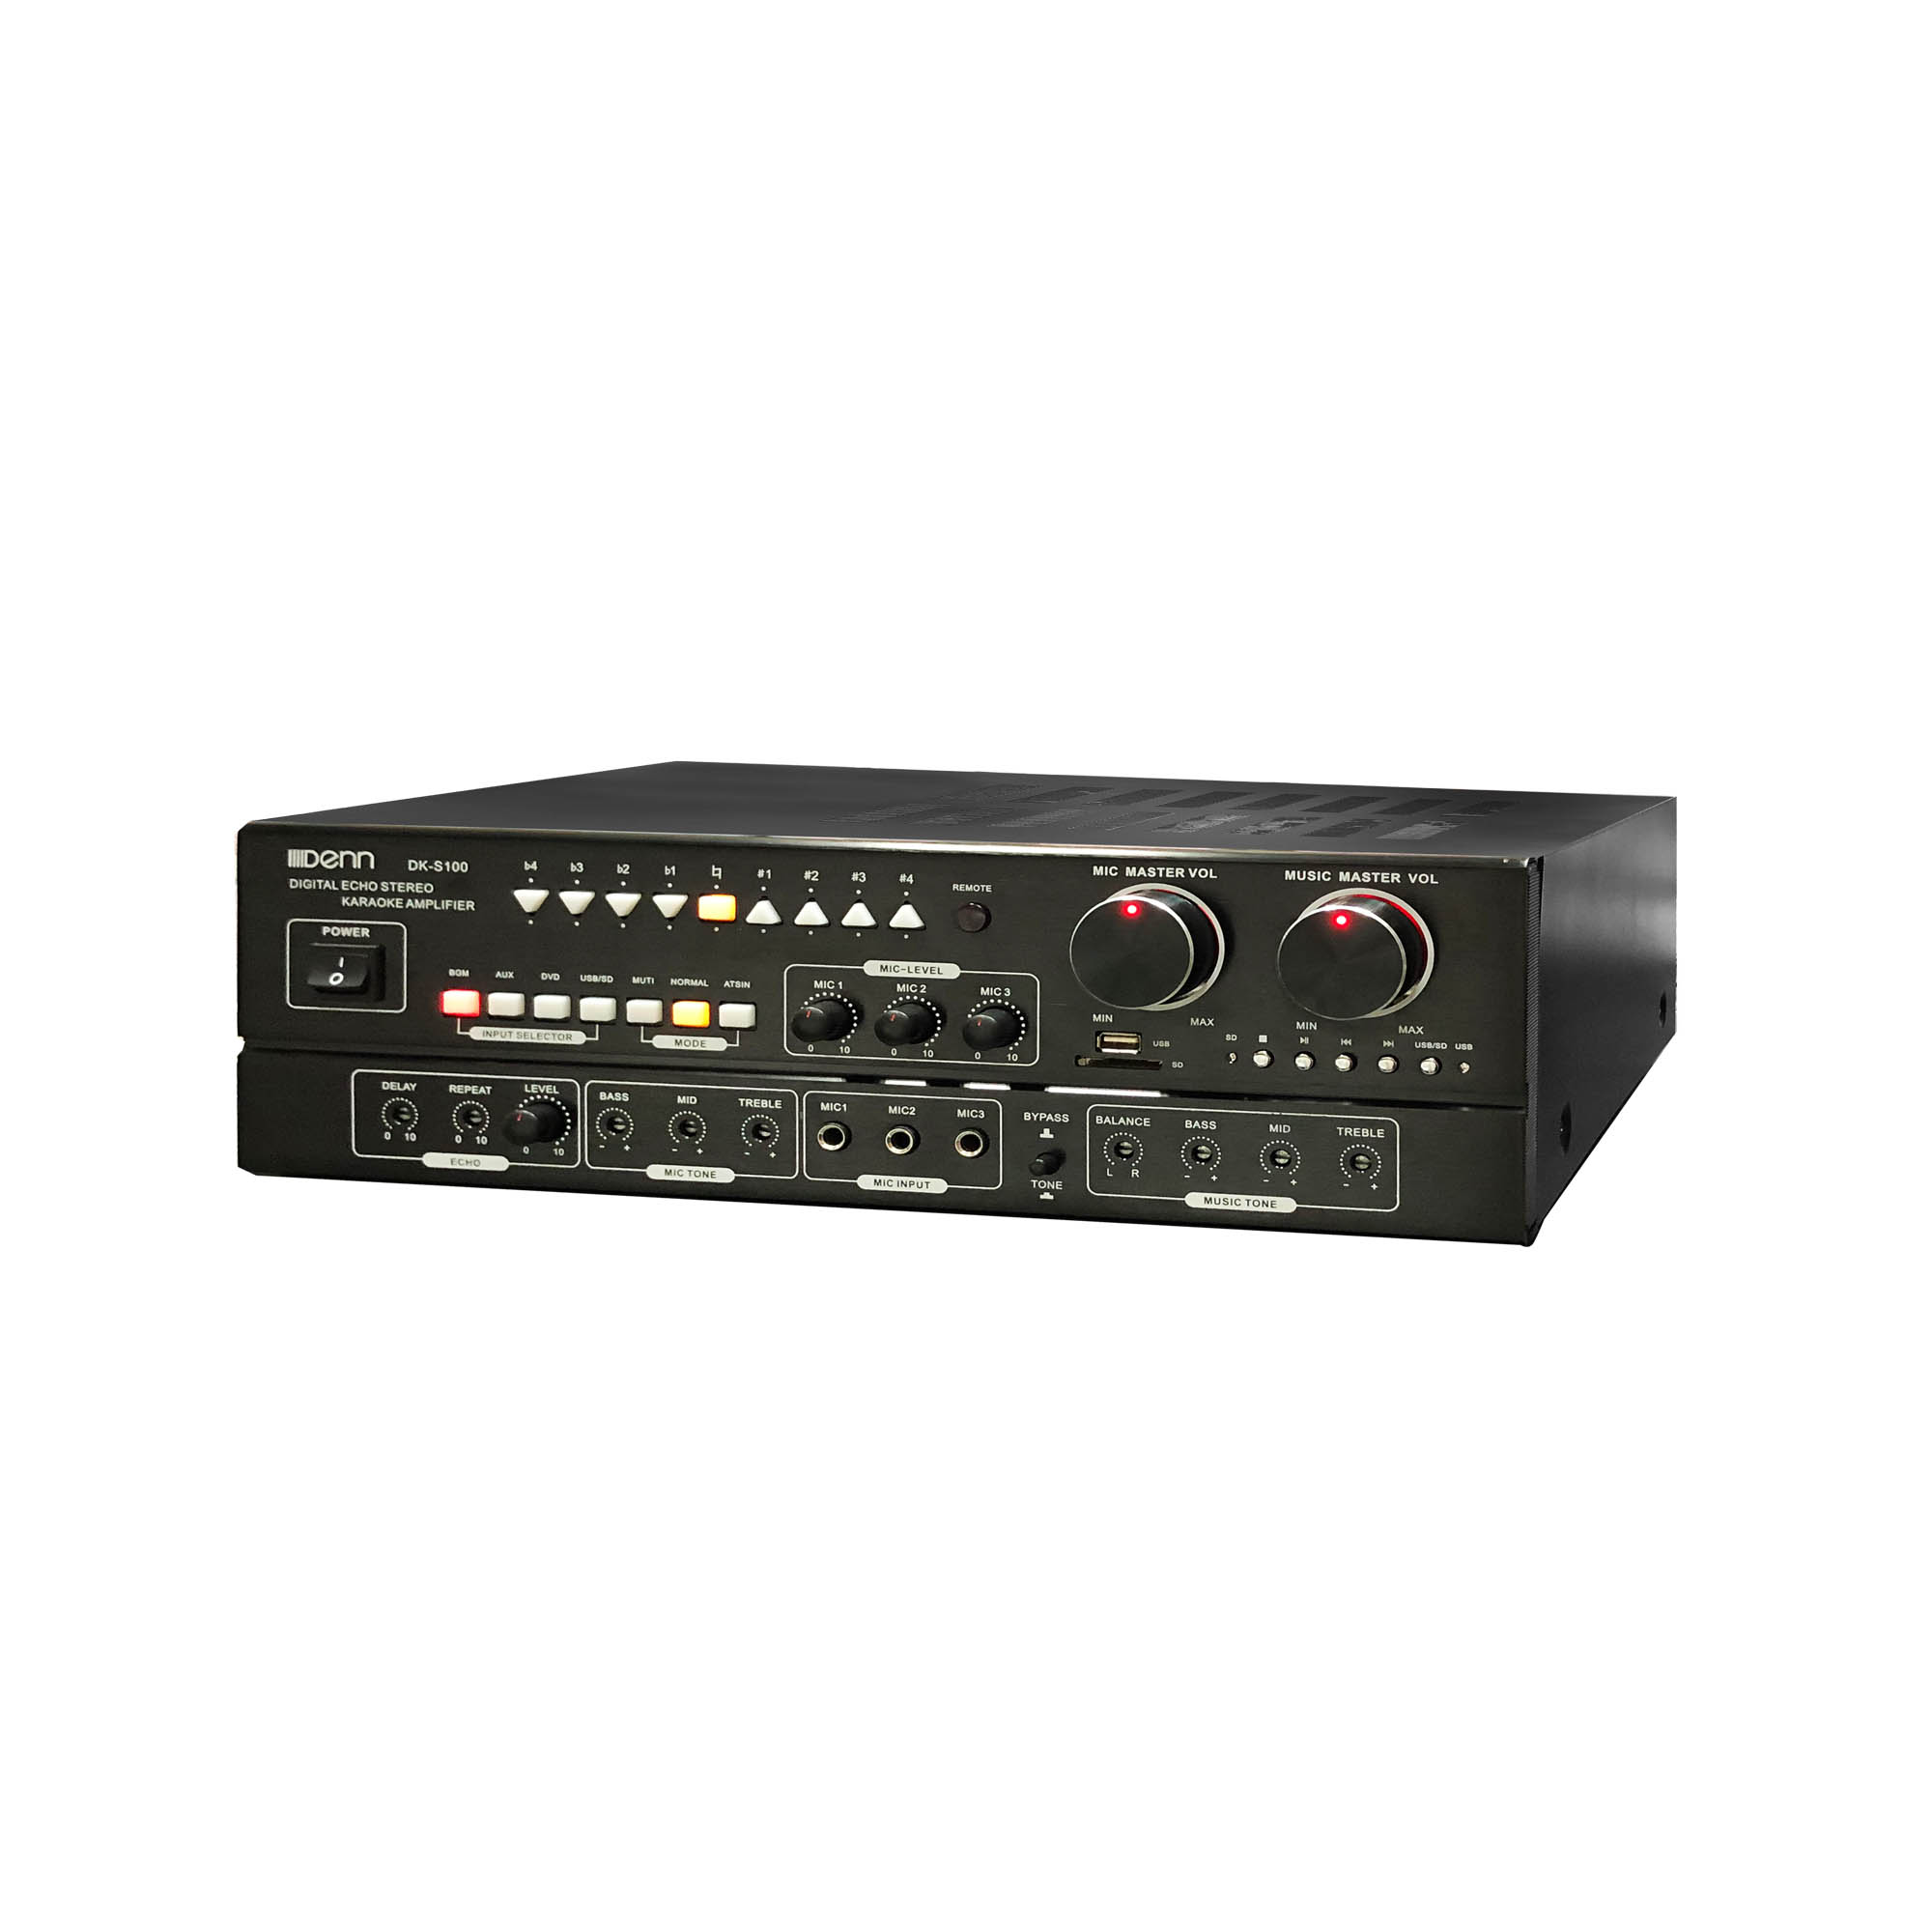 Digital Echo Stereo USB/SD Karaoke Amplifier - Certified by SIRIM & ST